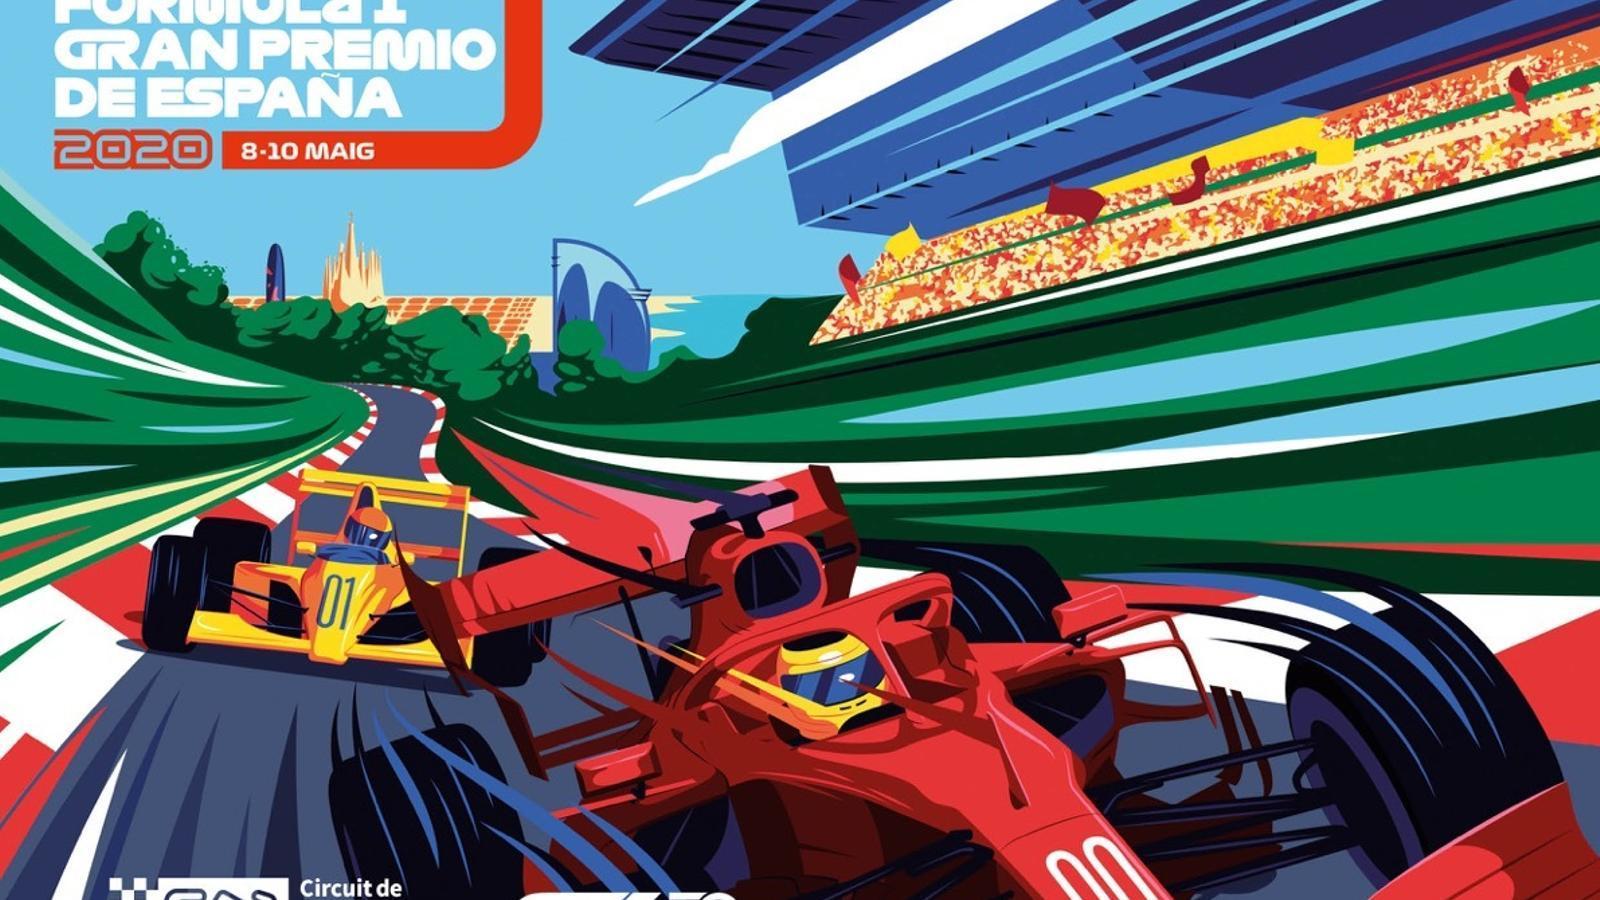 2020, un any de transició cap a la F1 del futur